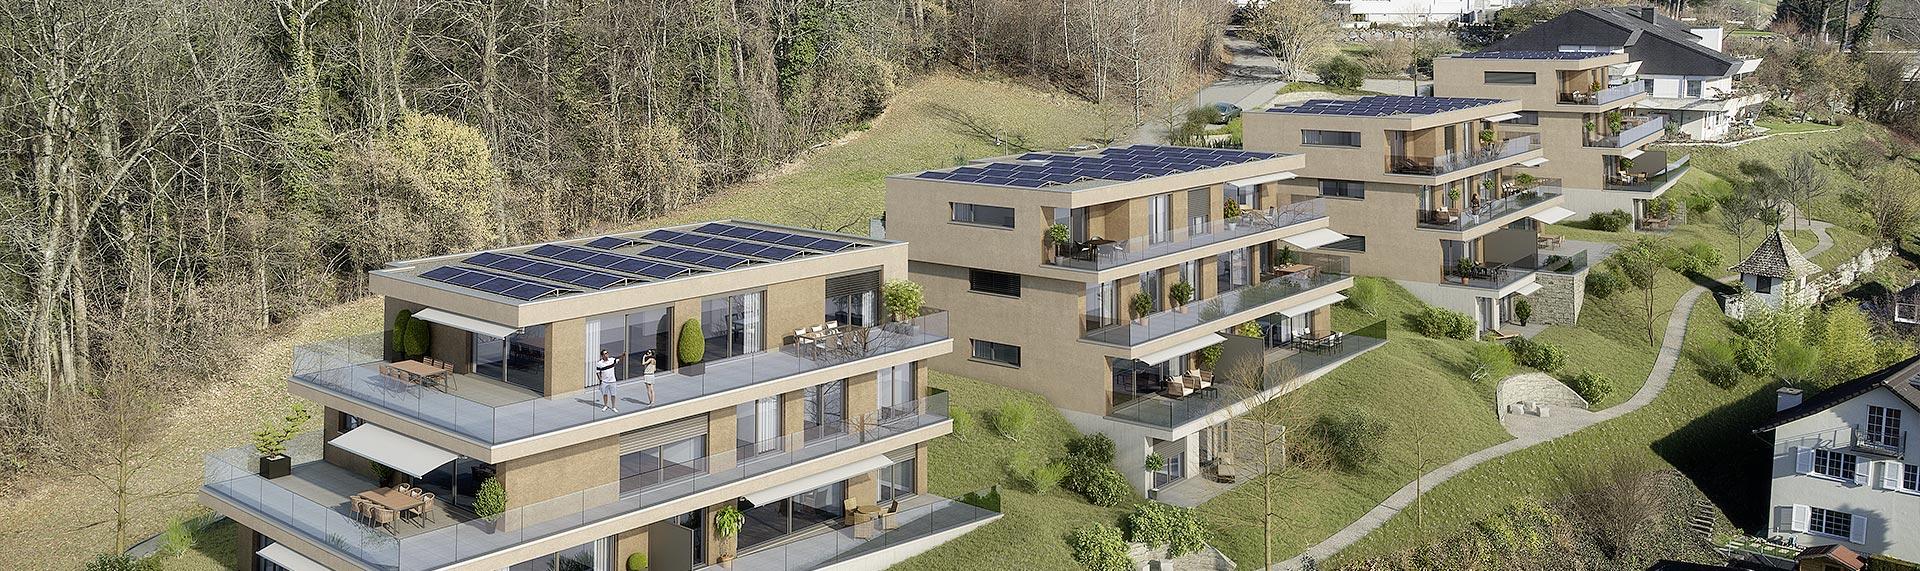 Bilder stichwort immobilien expose swiss interactive ag for Visuelle architektur